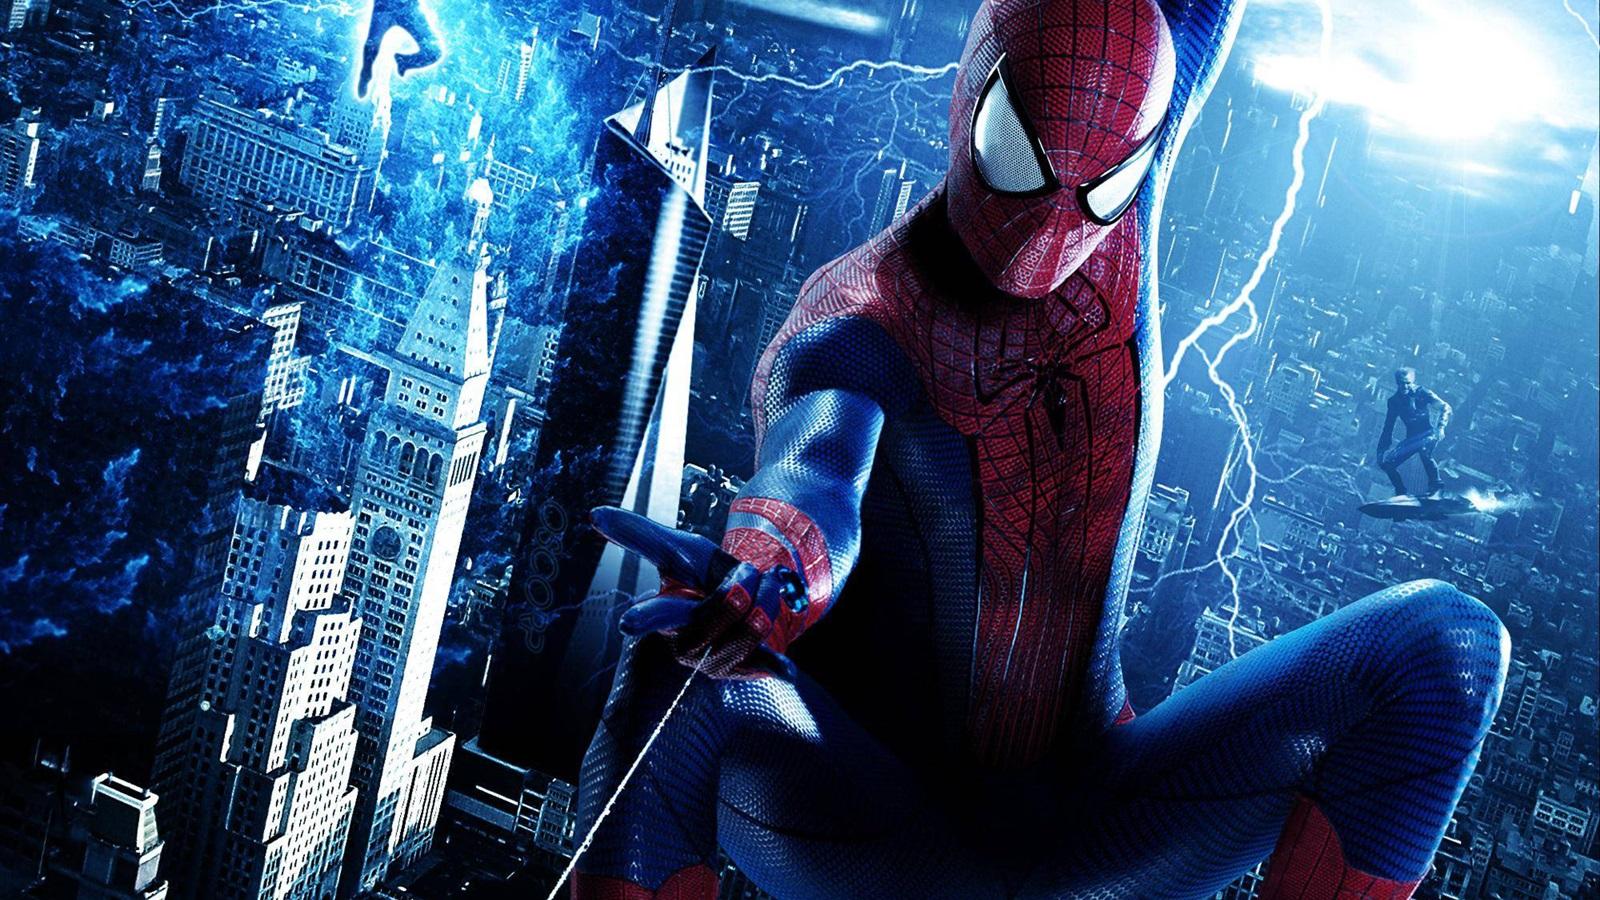 神奇的蜘蛛侠2高清 壁纸 | 1600x900 壁纸下载